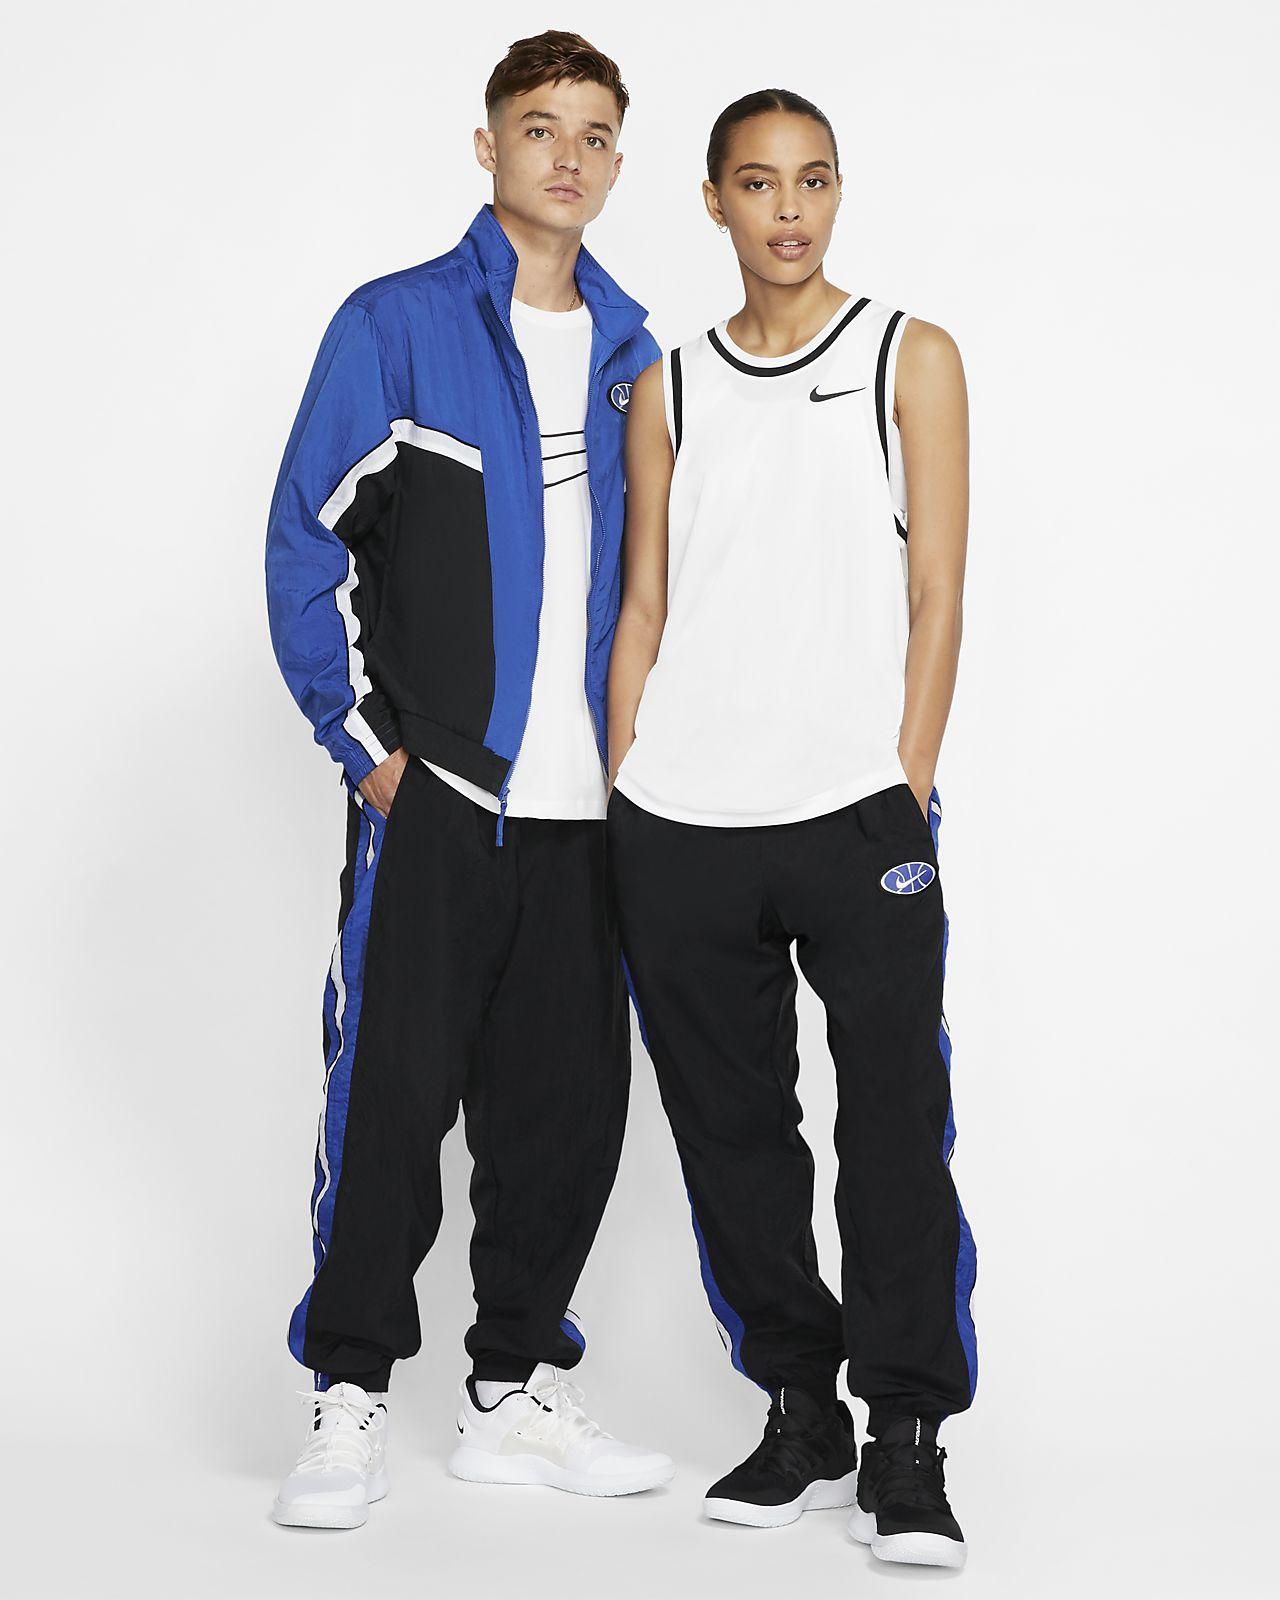 Баскетбольные брюки из тканого материала Nike Throwback